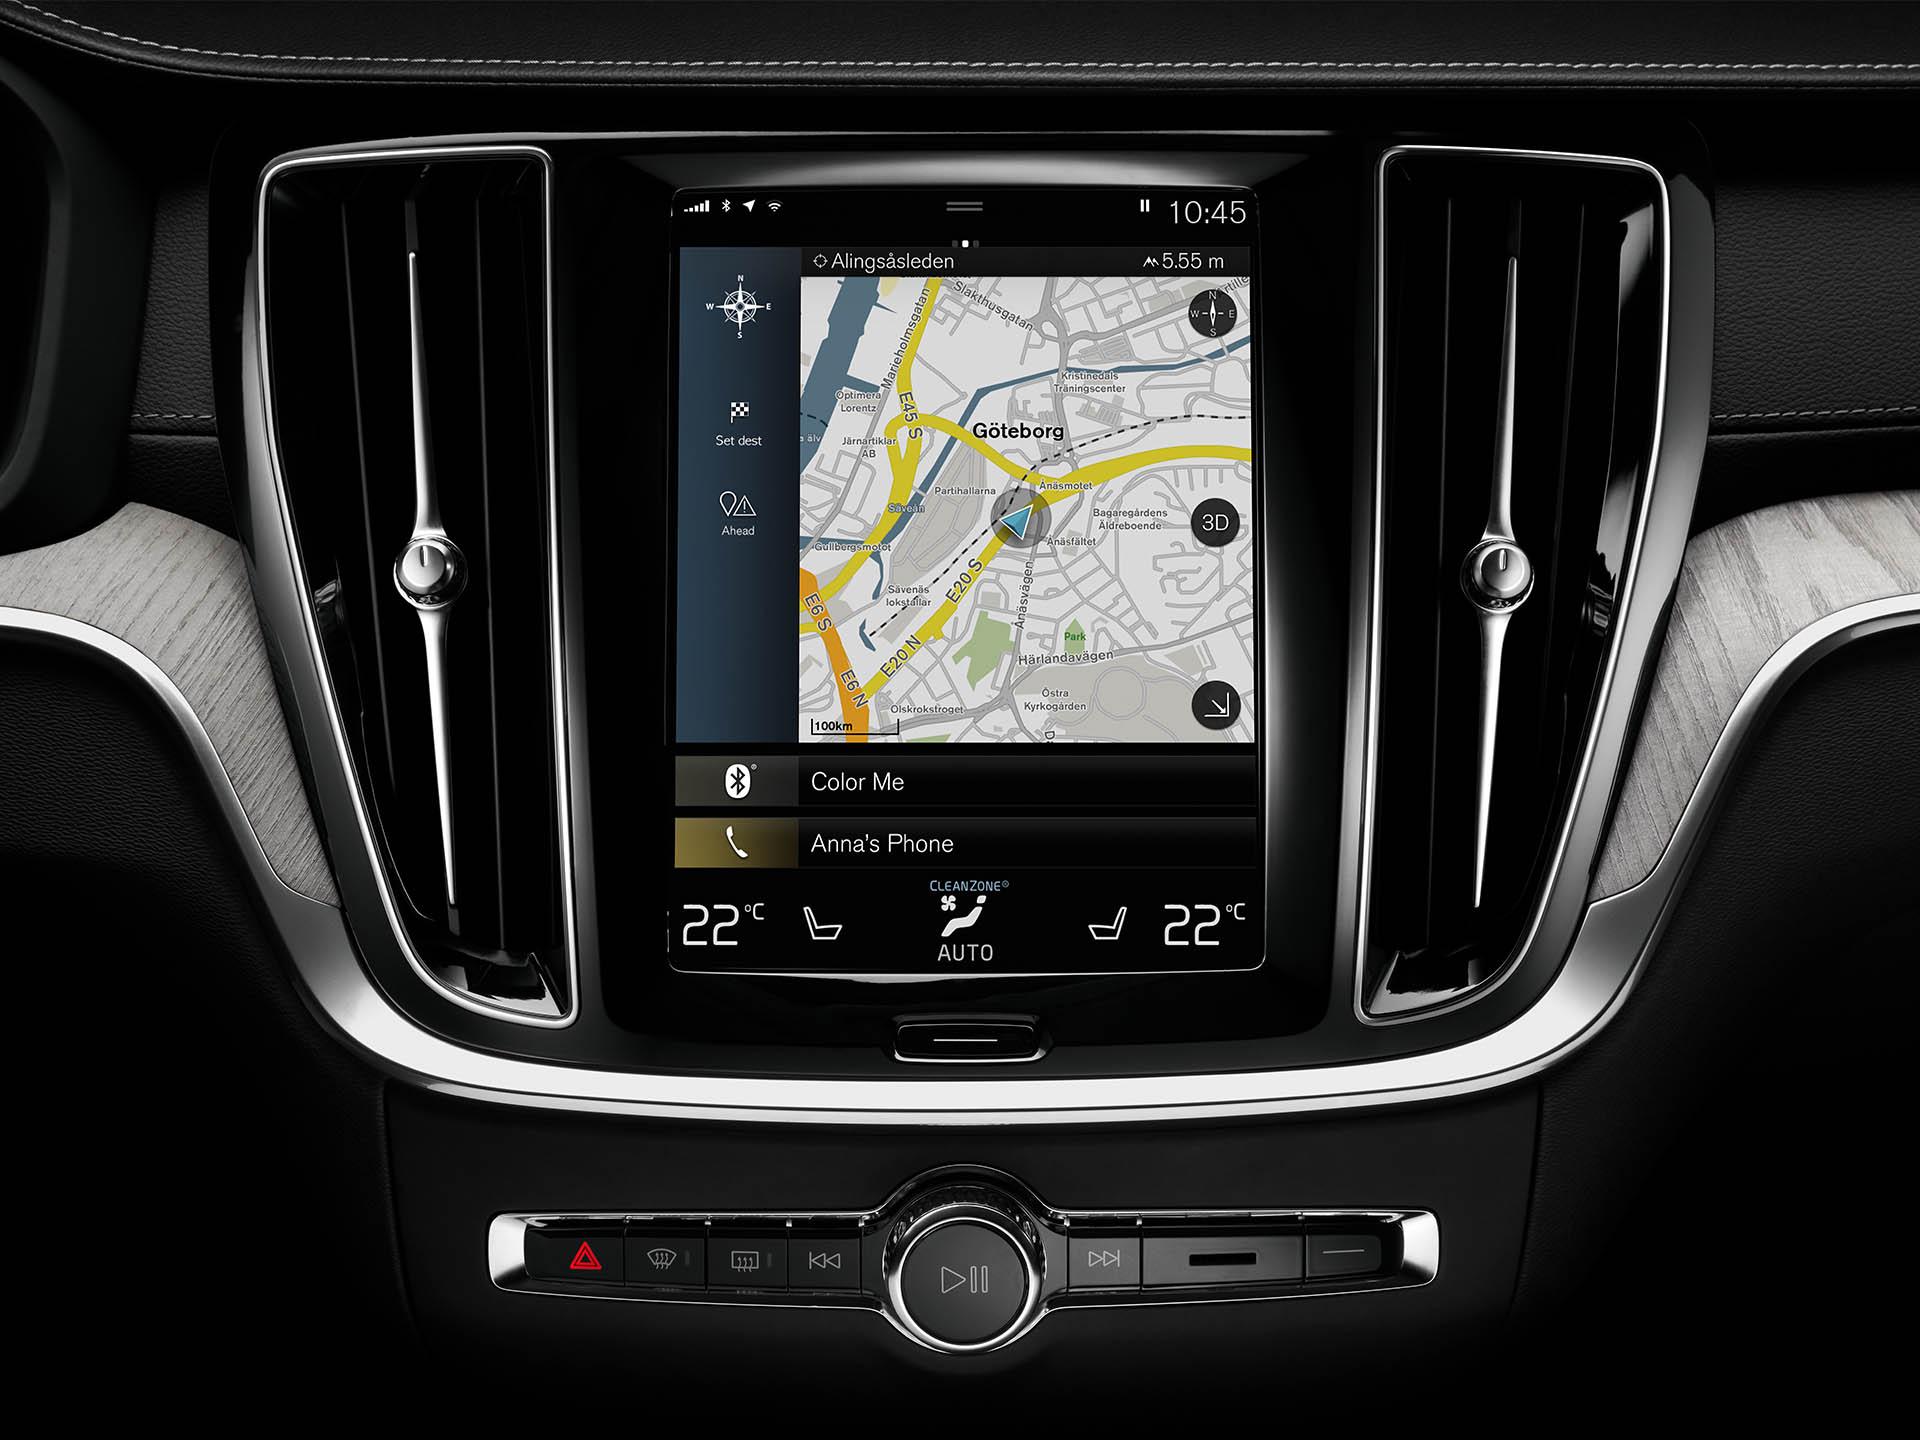 Système de connectivité intégré à l'intérieur d'une Volvo affichant une carte du centre de Göteborg